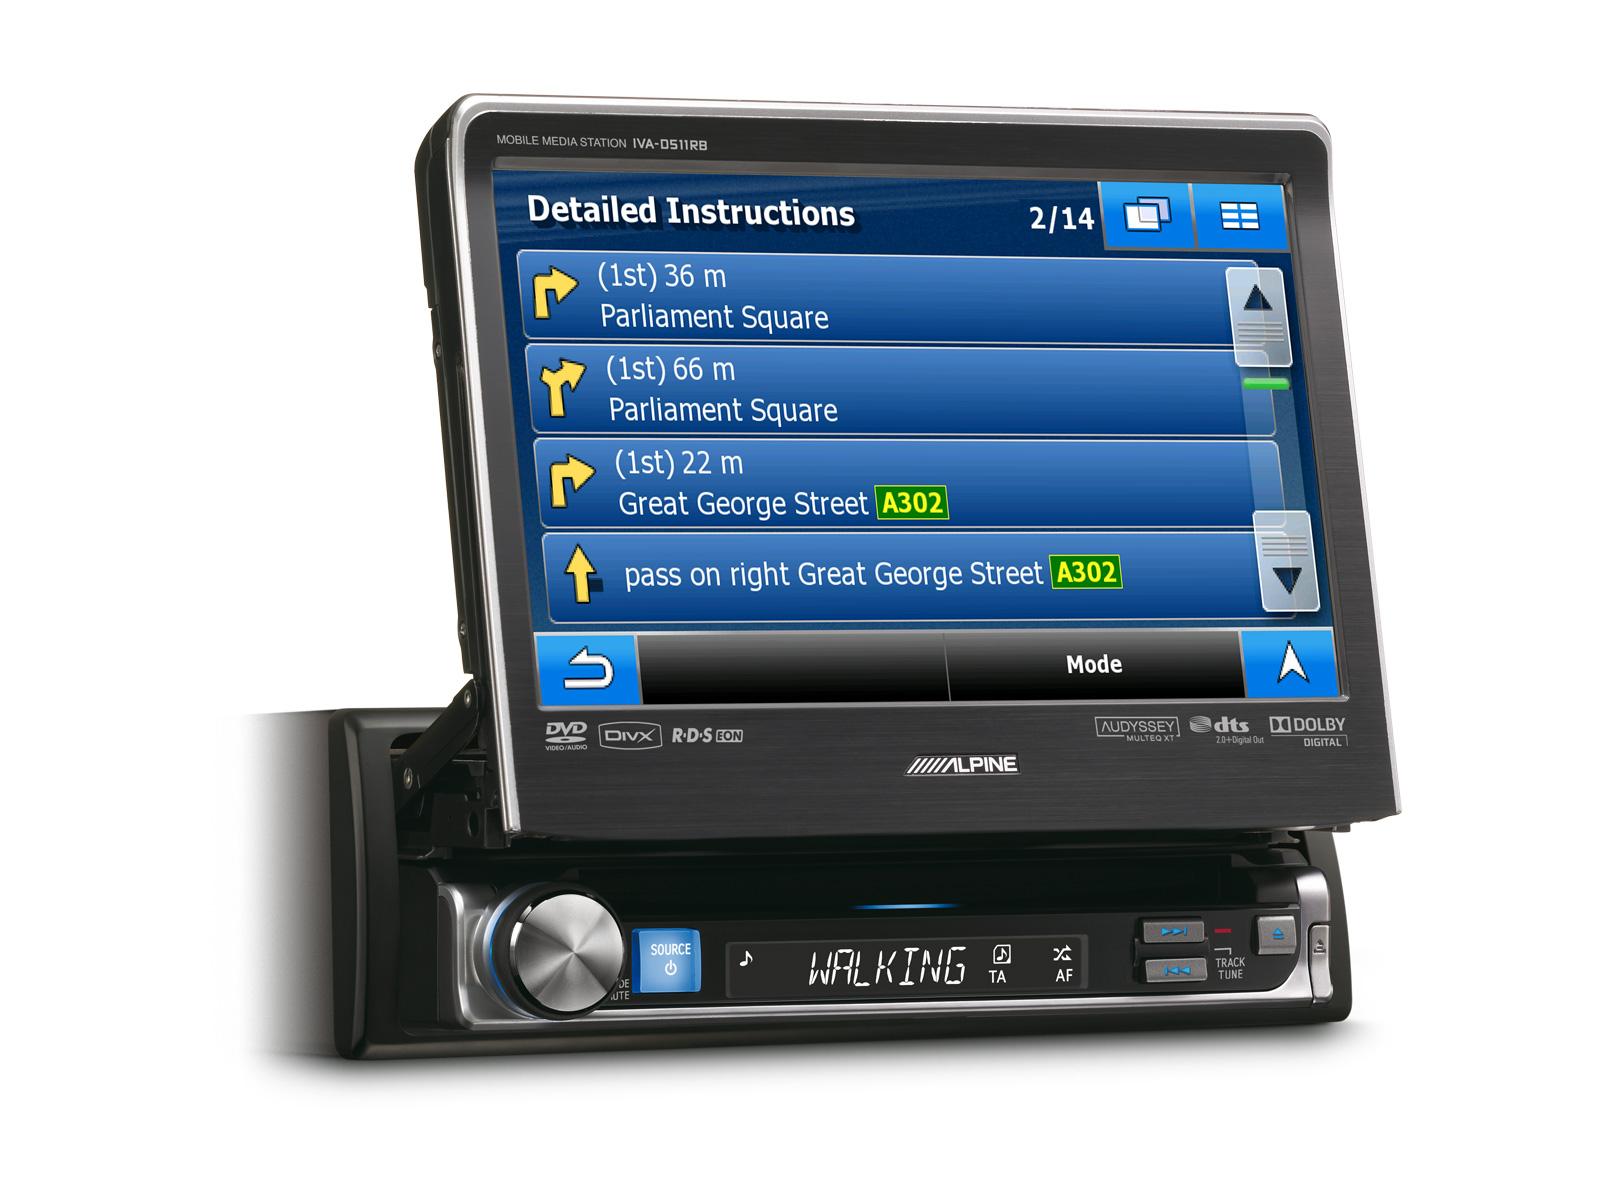 1DIN MOBILE MEDIA STATION - Alpine - IVA-D511R_IVA-D511RB